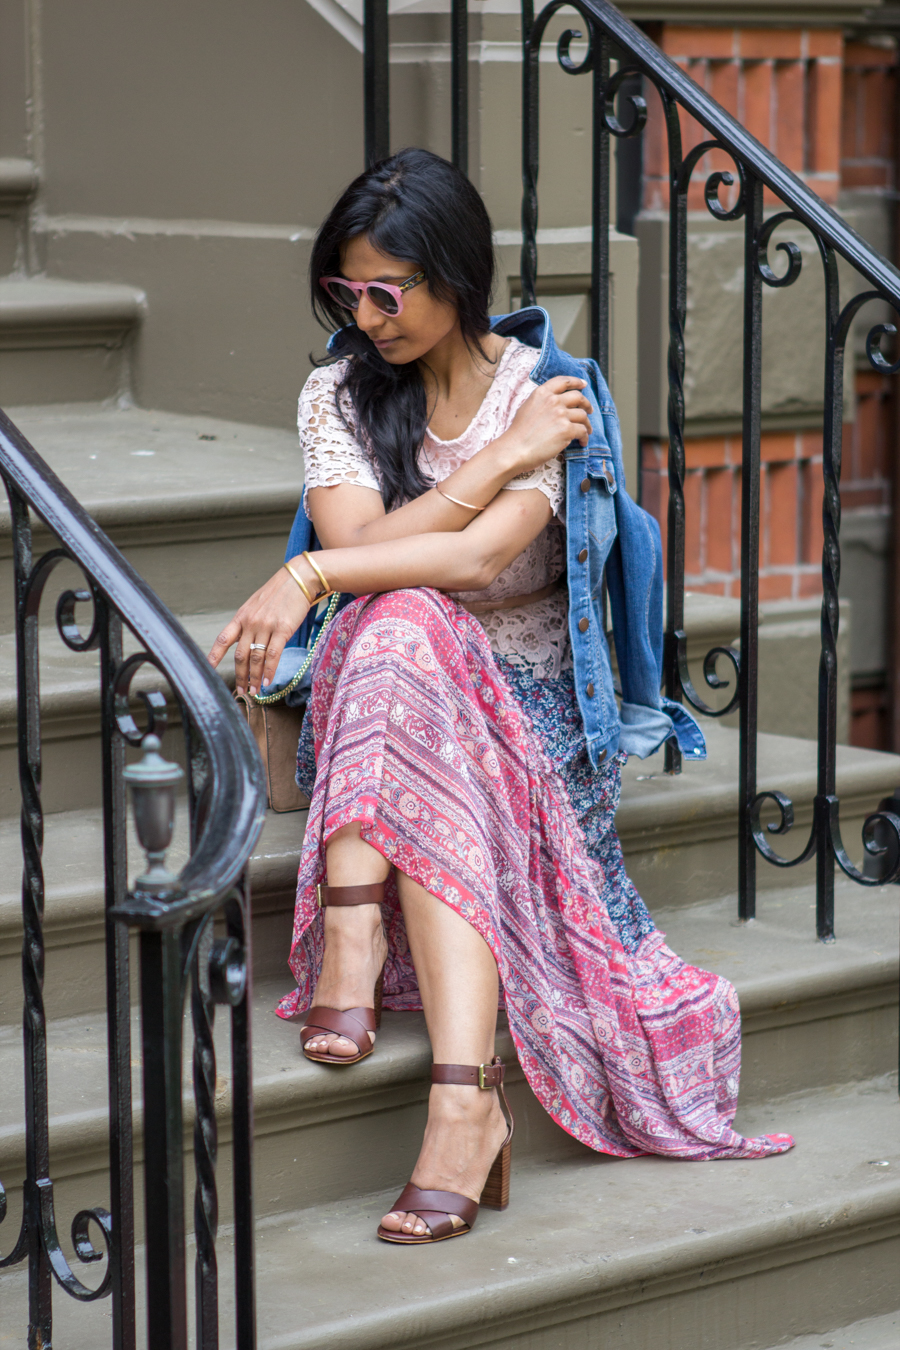 Boston Street Style: Boston Fashion, Boston Style 93